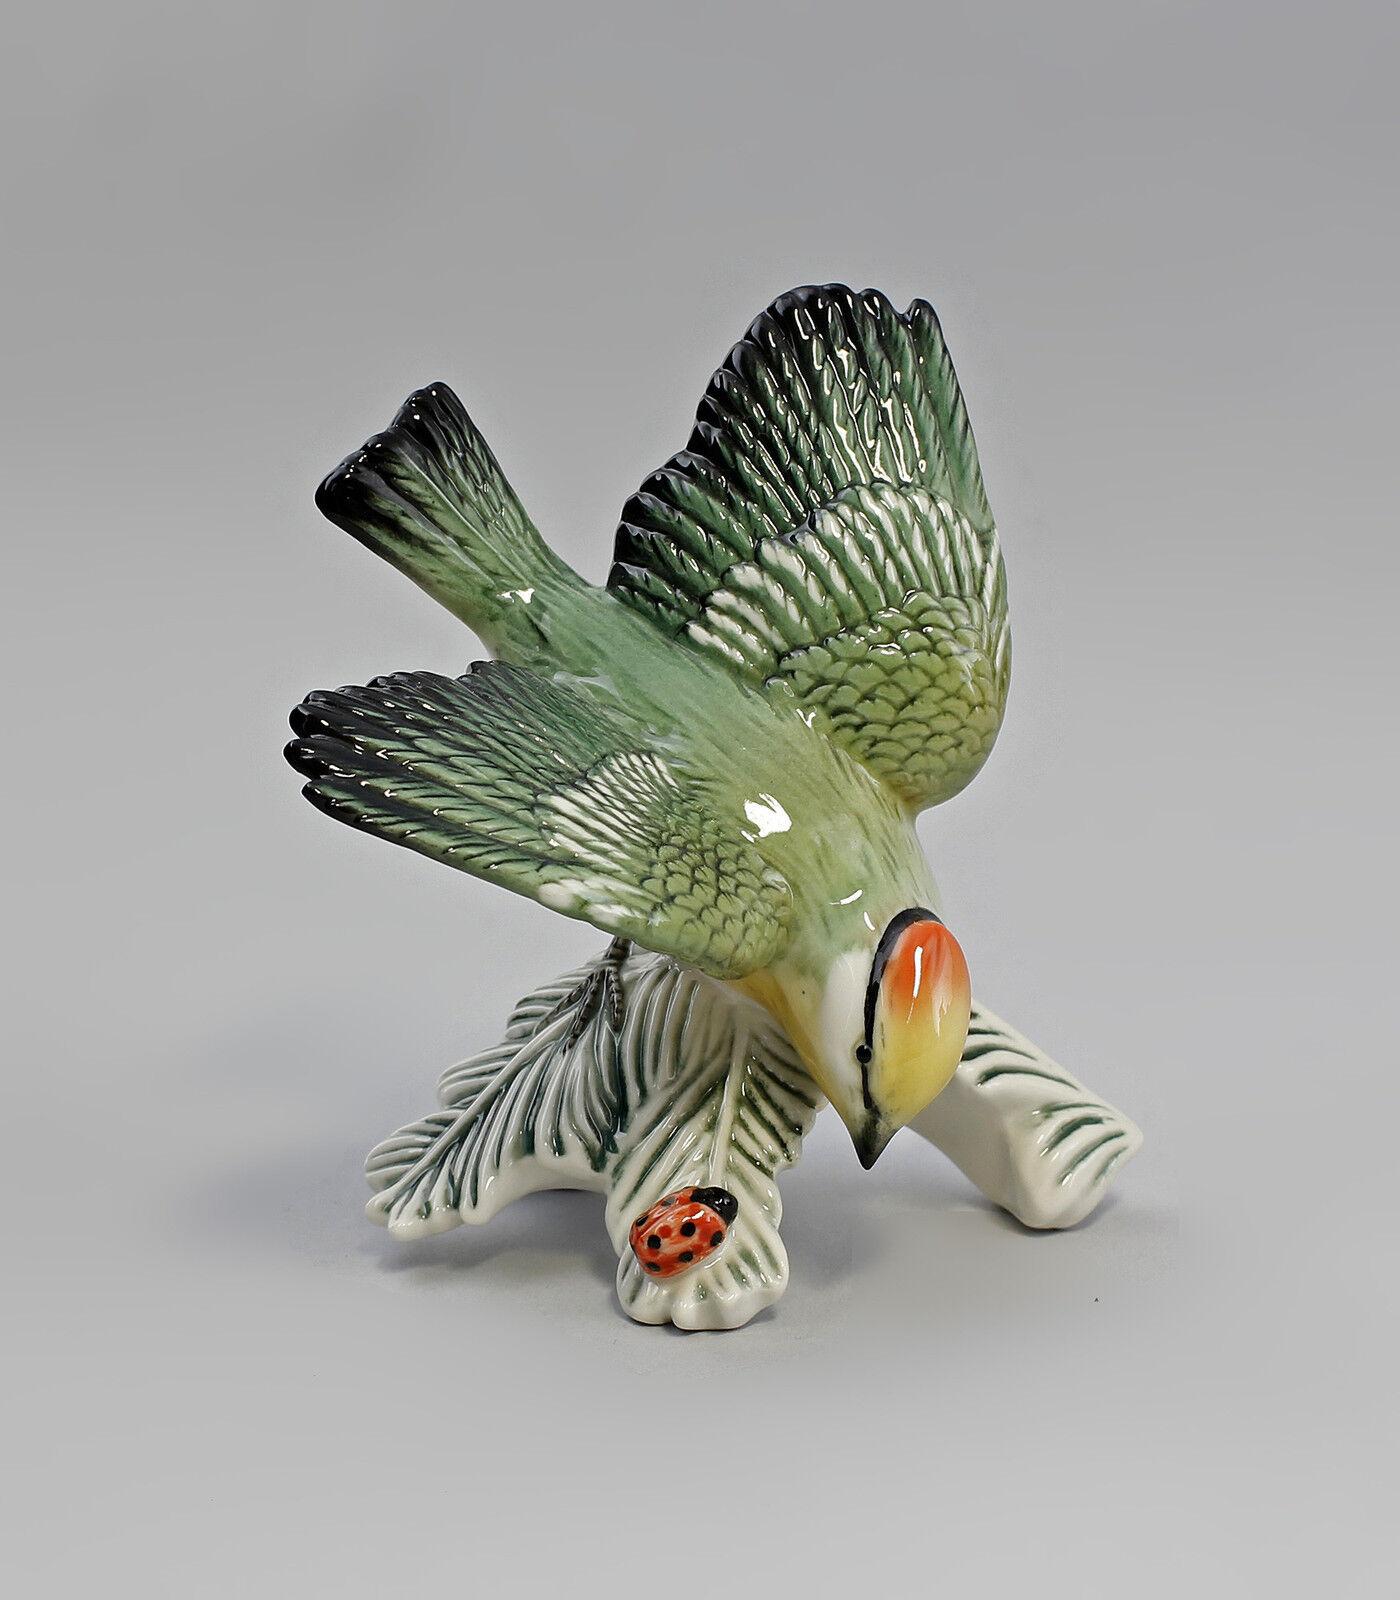 Porzellan Figur Vogel Goldhähnchen mit Käfer Ens 11x13x11cm 9941519